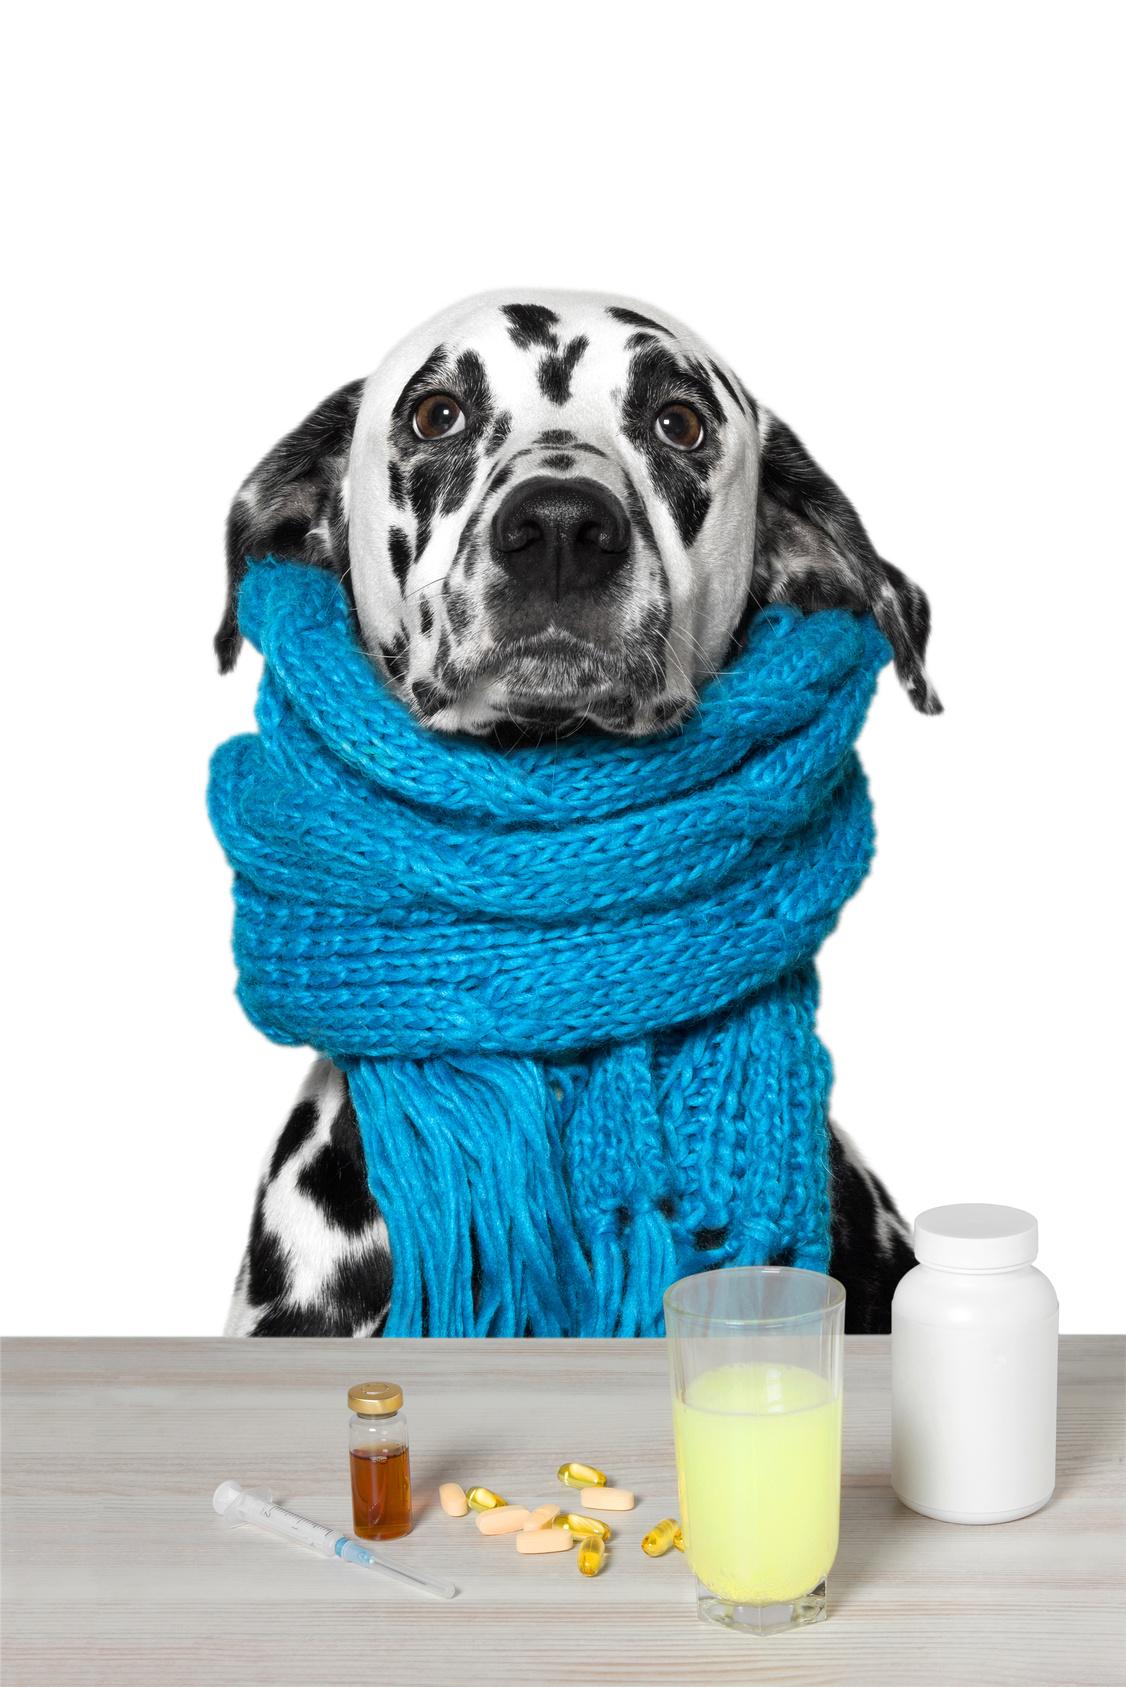 Malattie cani : Capire il cane